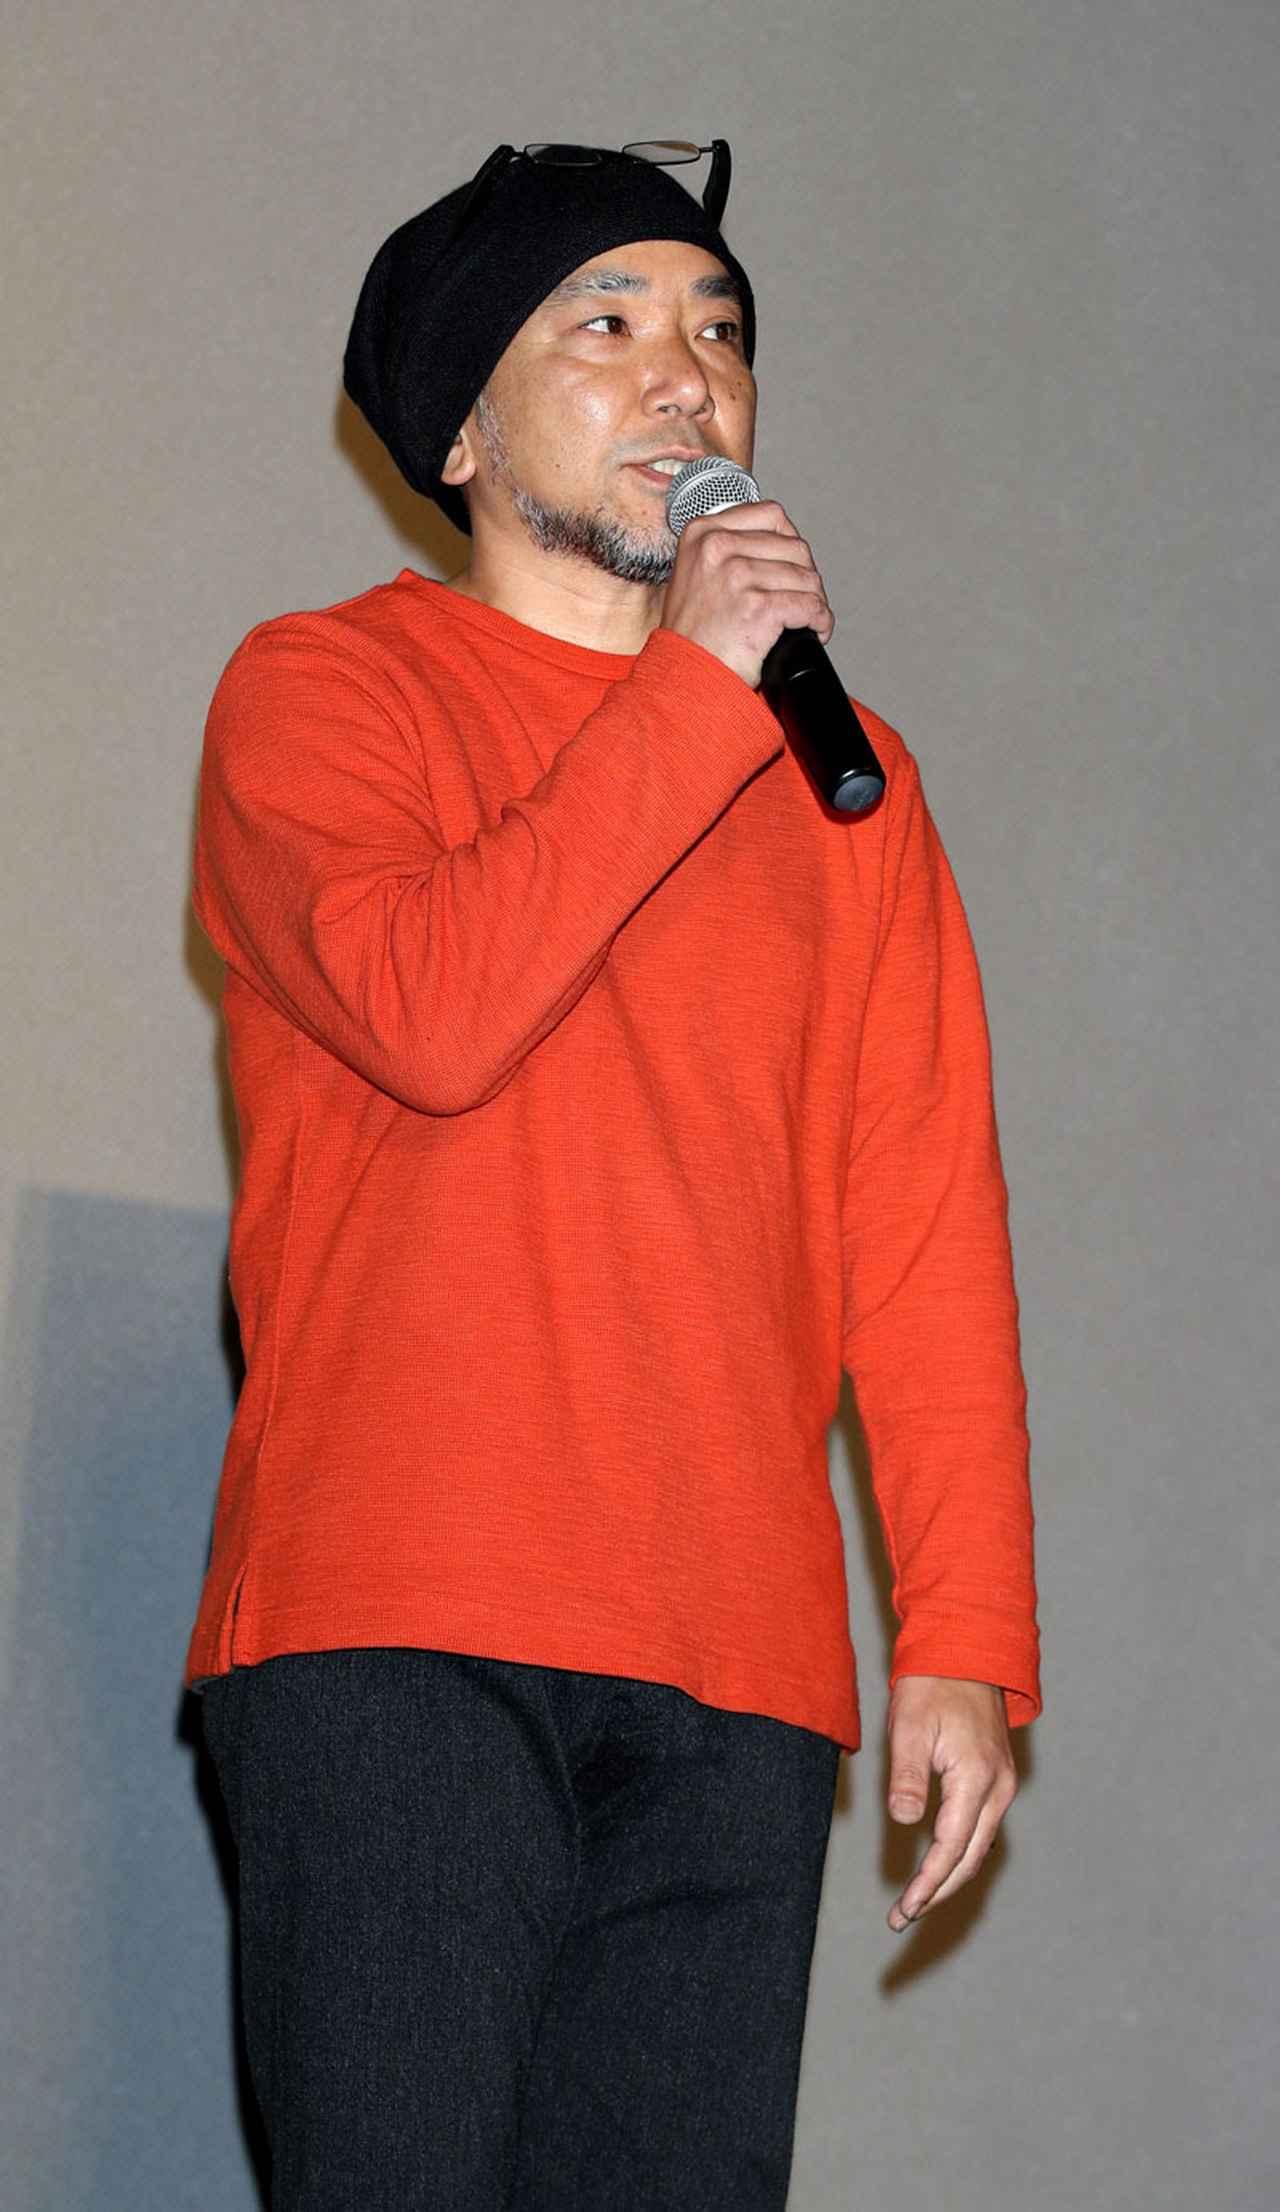 Images : 9番目の画像 - 「伊原六花/初主演ドラマ「明治東京恋伽」の完成披露開催。「原作の世界観をそのまま映像化しています、たくさんの方に愛してほしい」」のアルバム - Stereo Sound ONLINE